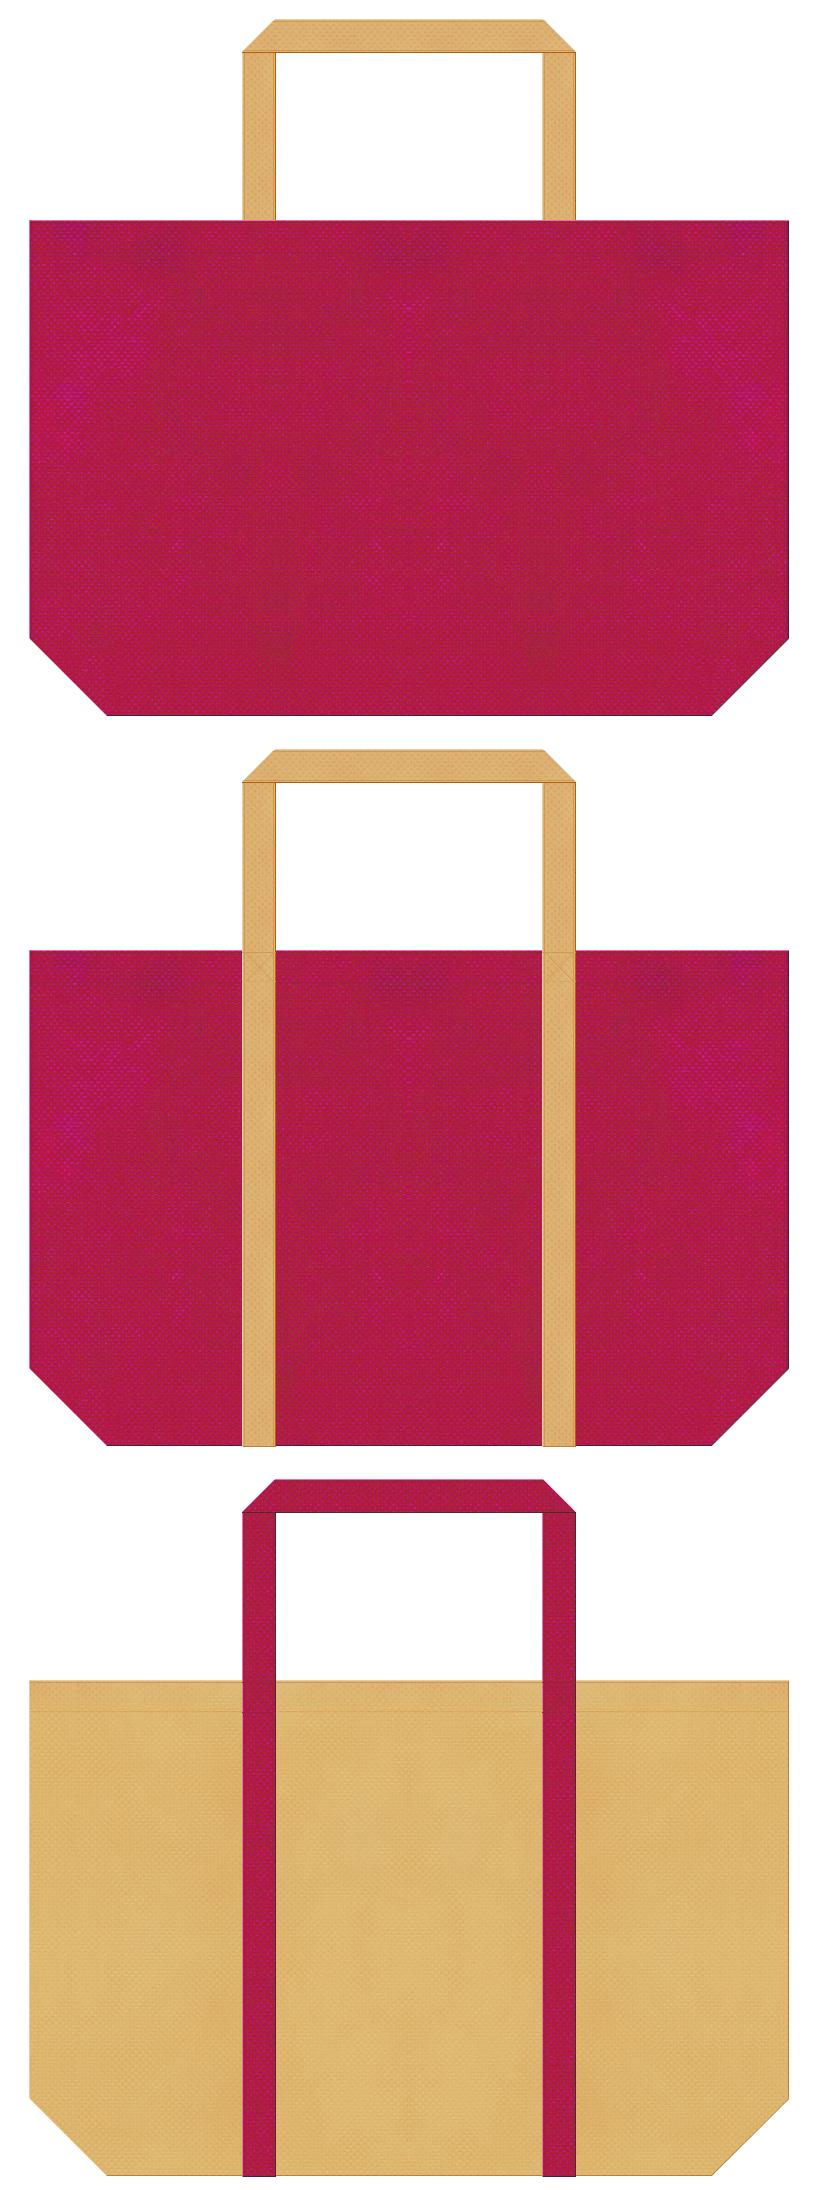 さつまいも・南国・トロピカル・カクテル・リゾート・トラベルバッグ・ゲーム・絵本・おとぎ話・お菓子の家・プリンセス・テーマパークにお奨めの不織布バッグデザイン:濃いピンク色と薄黄土色のコーデ